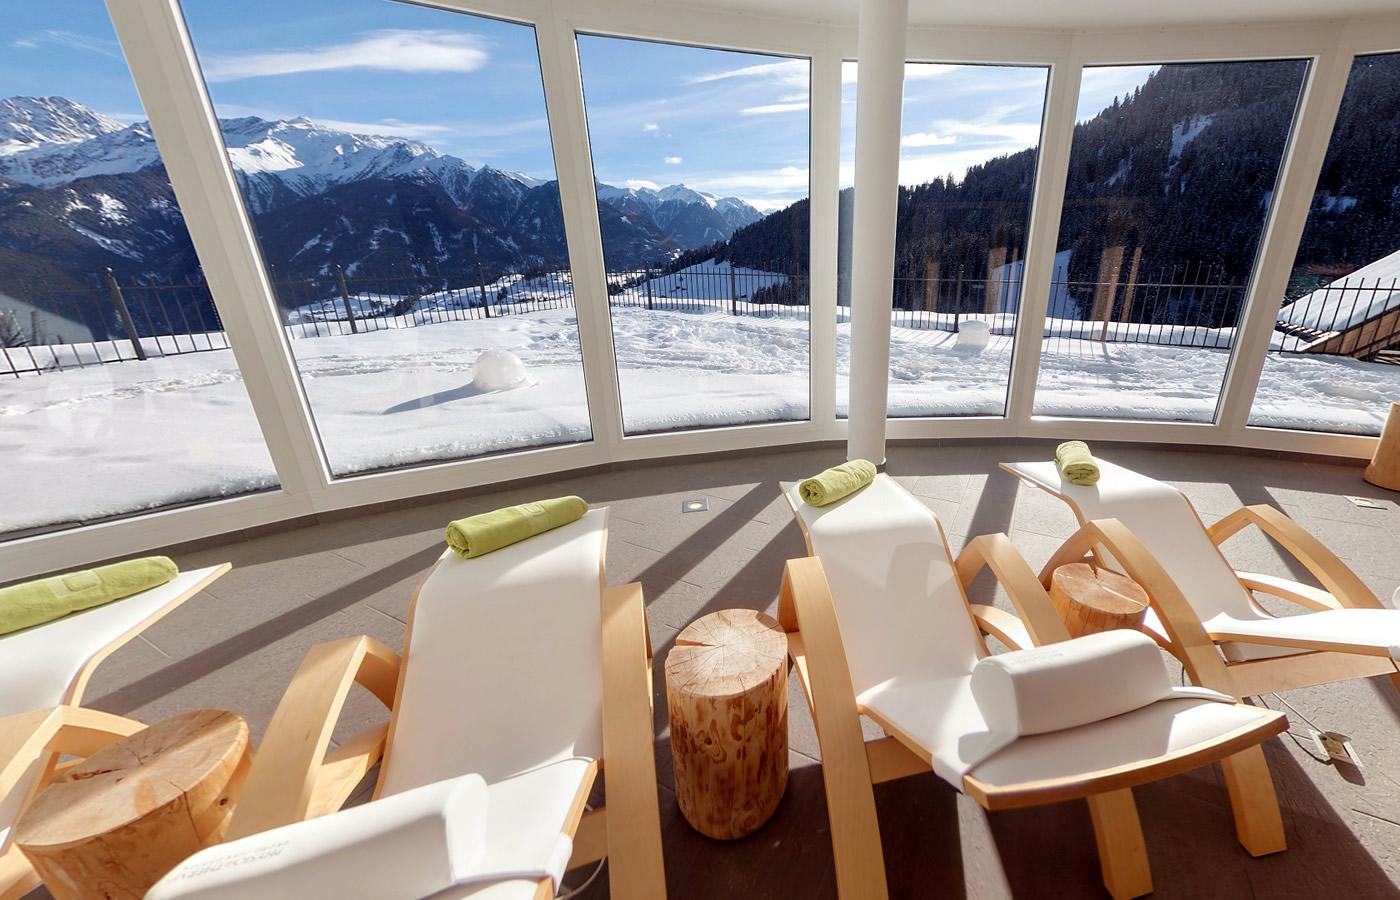 Aussicht Wellnessbereich von Hotel Natürlich in Fiss, Tirol.